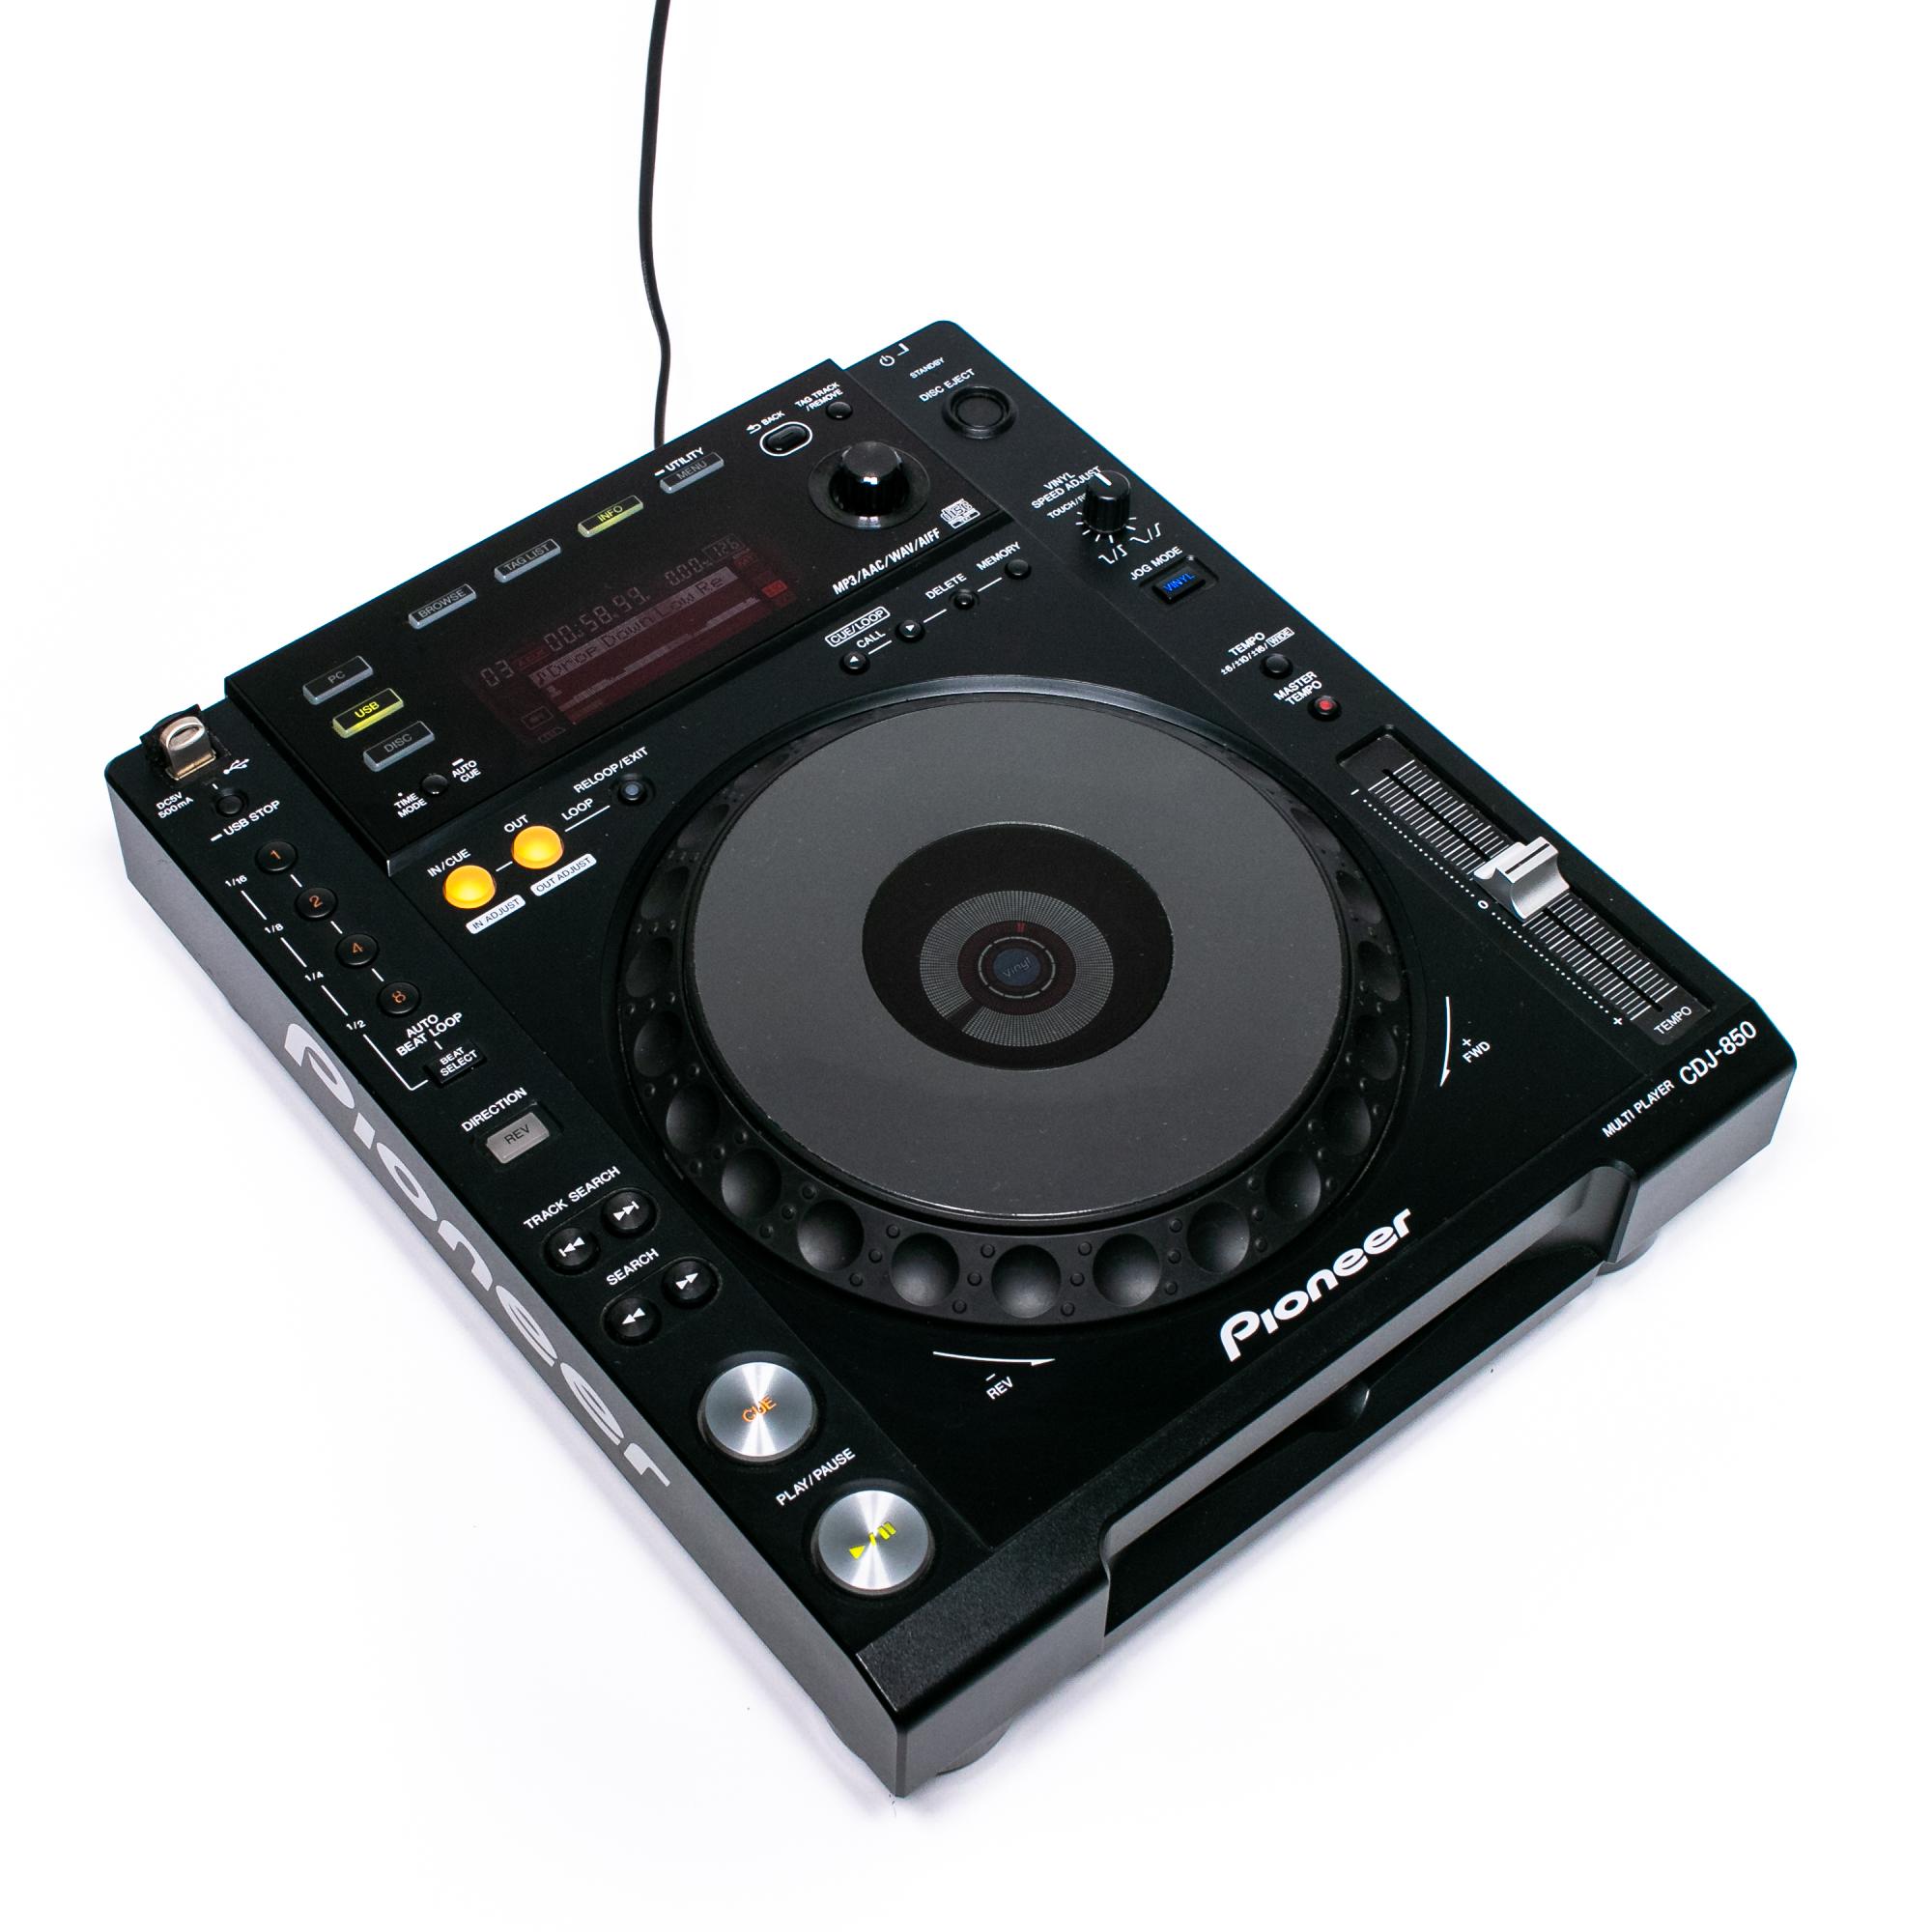 gebraucht kaufen Pioneer CDJ 850